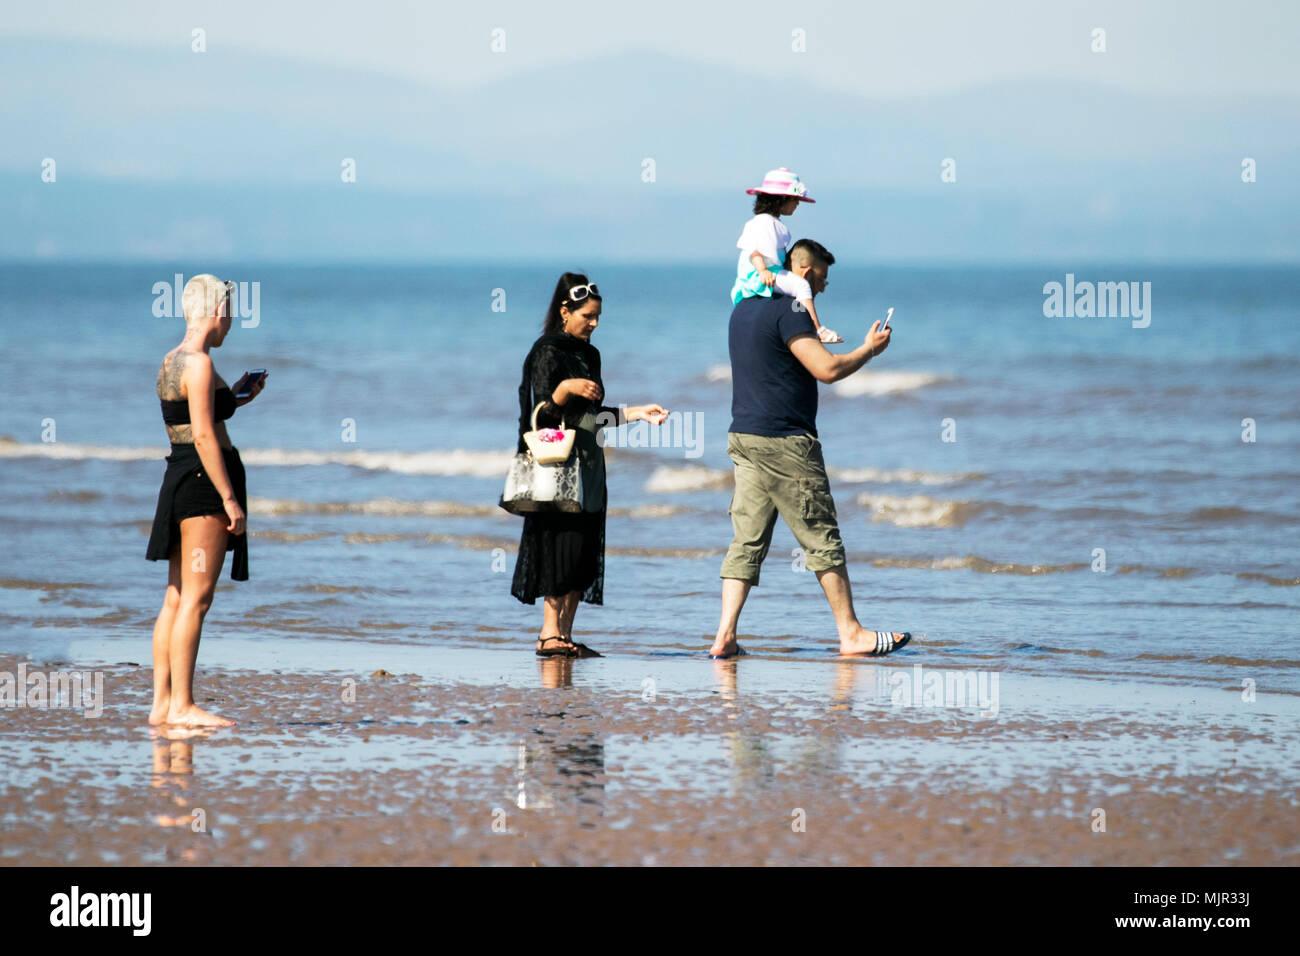 Blackpool, Royaume-Uni, 6 mai 2018. Les vacanciers sur front de mer de Blackpool. 6 mai 2018. Météo britannique. Des milliers de touristes et des vacanciers descendre sur la plage, sur le front de mer de Blackpool pour profiter du beau soleil et des températures élevées. Credit: Cernan Elias/Alamy Live News Banque D'Images